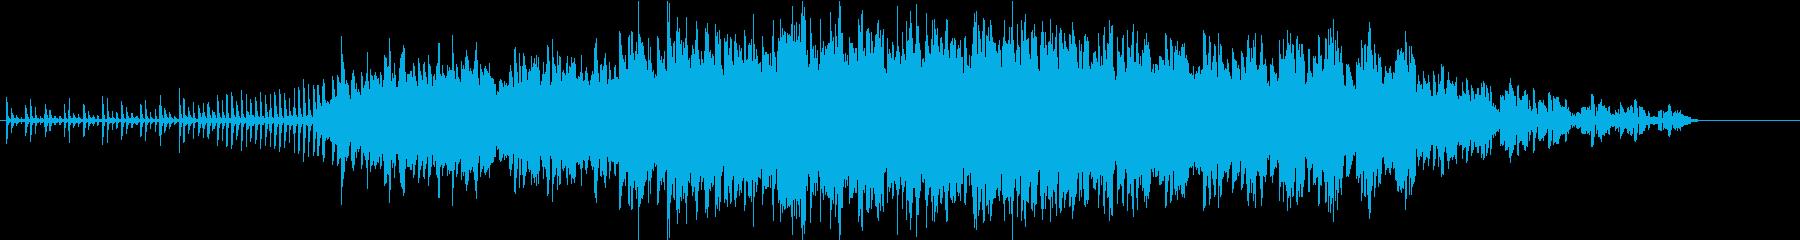 上昇感のあるエレクトロニカ、シンプルの再生済みの波形